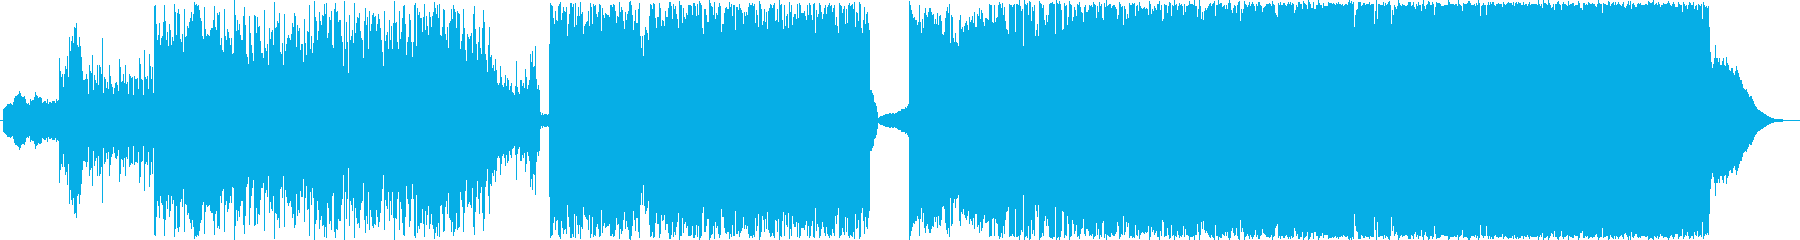 ポップ センチメンタル 技術的な ...の再生済みの波形